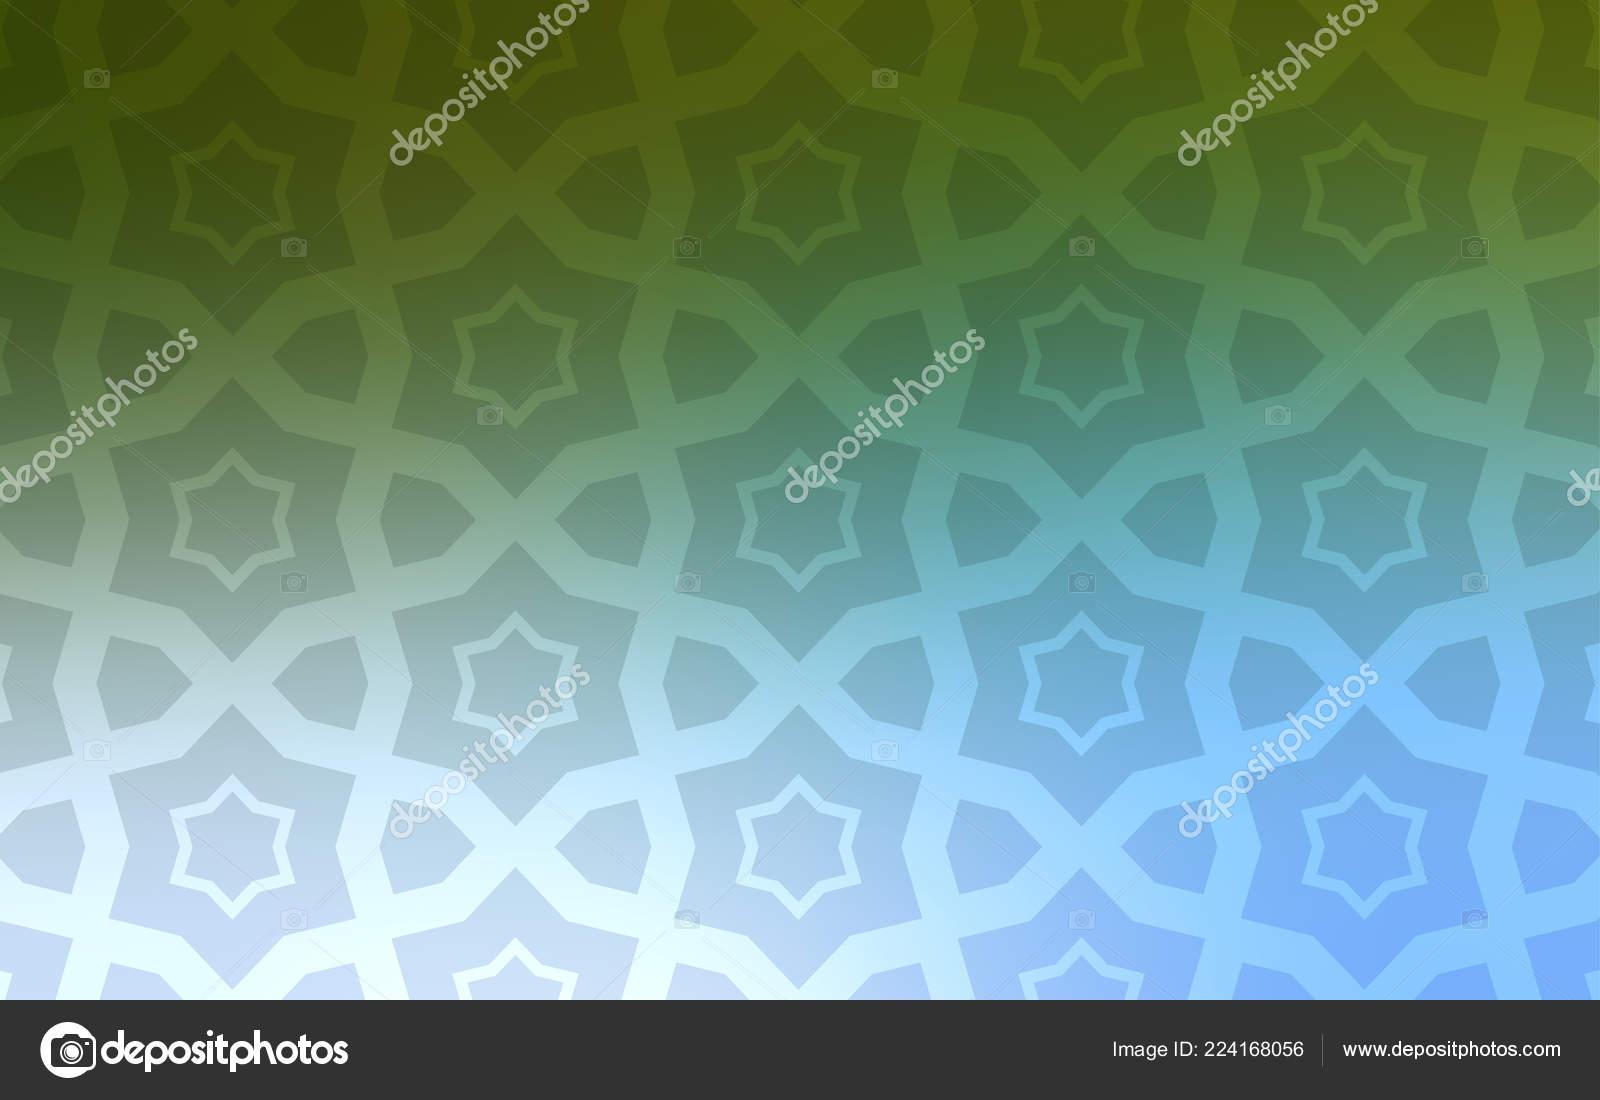 Vettore Sfondi Universo Cellulare Blu Chiaro Struttura Vettore